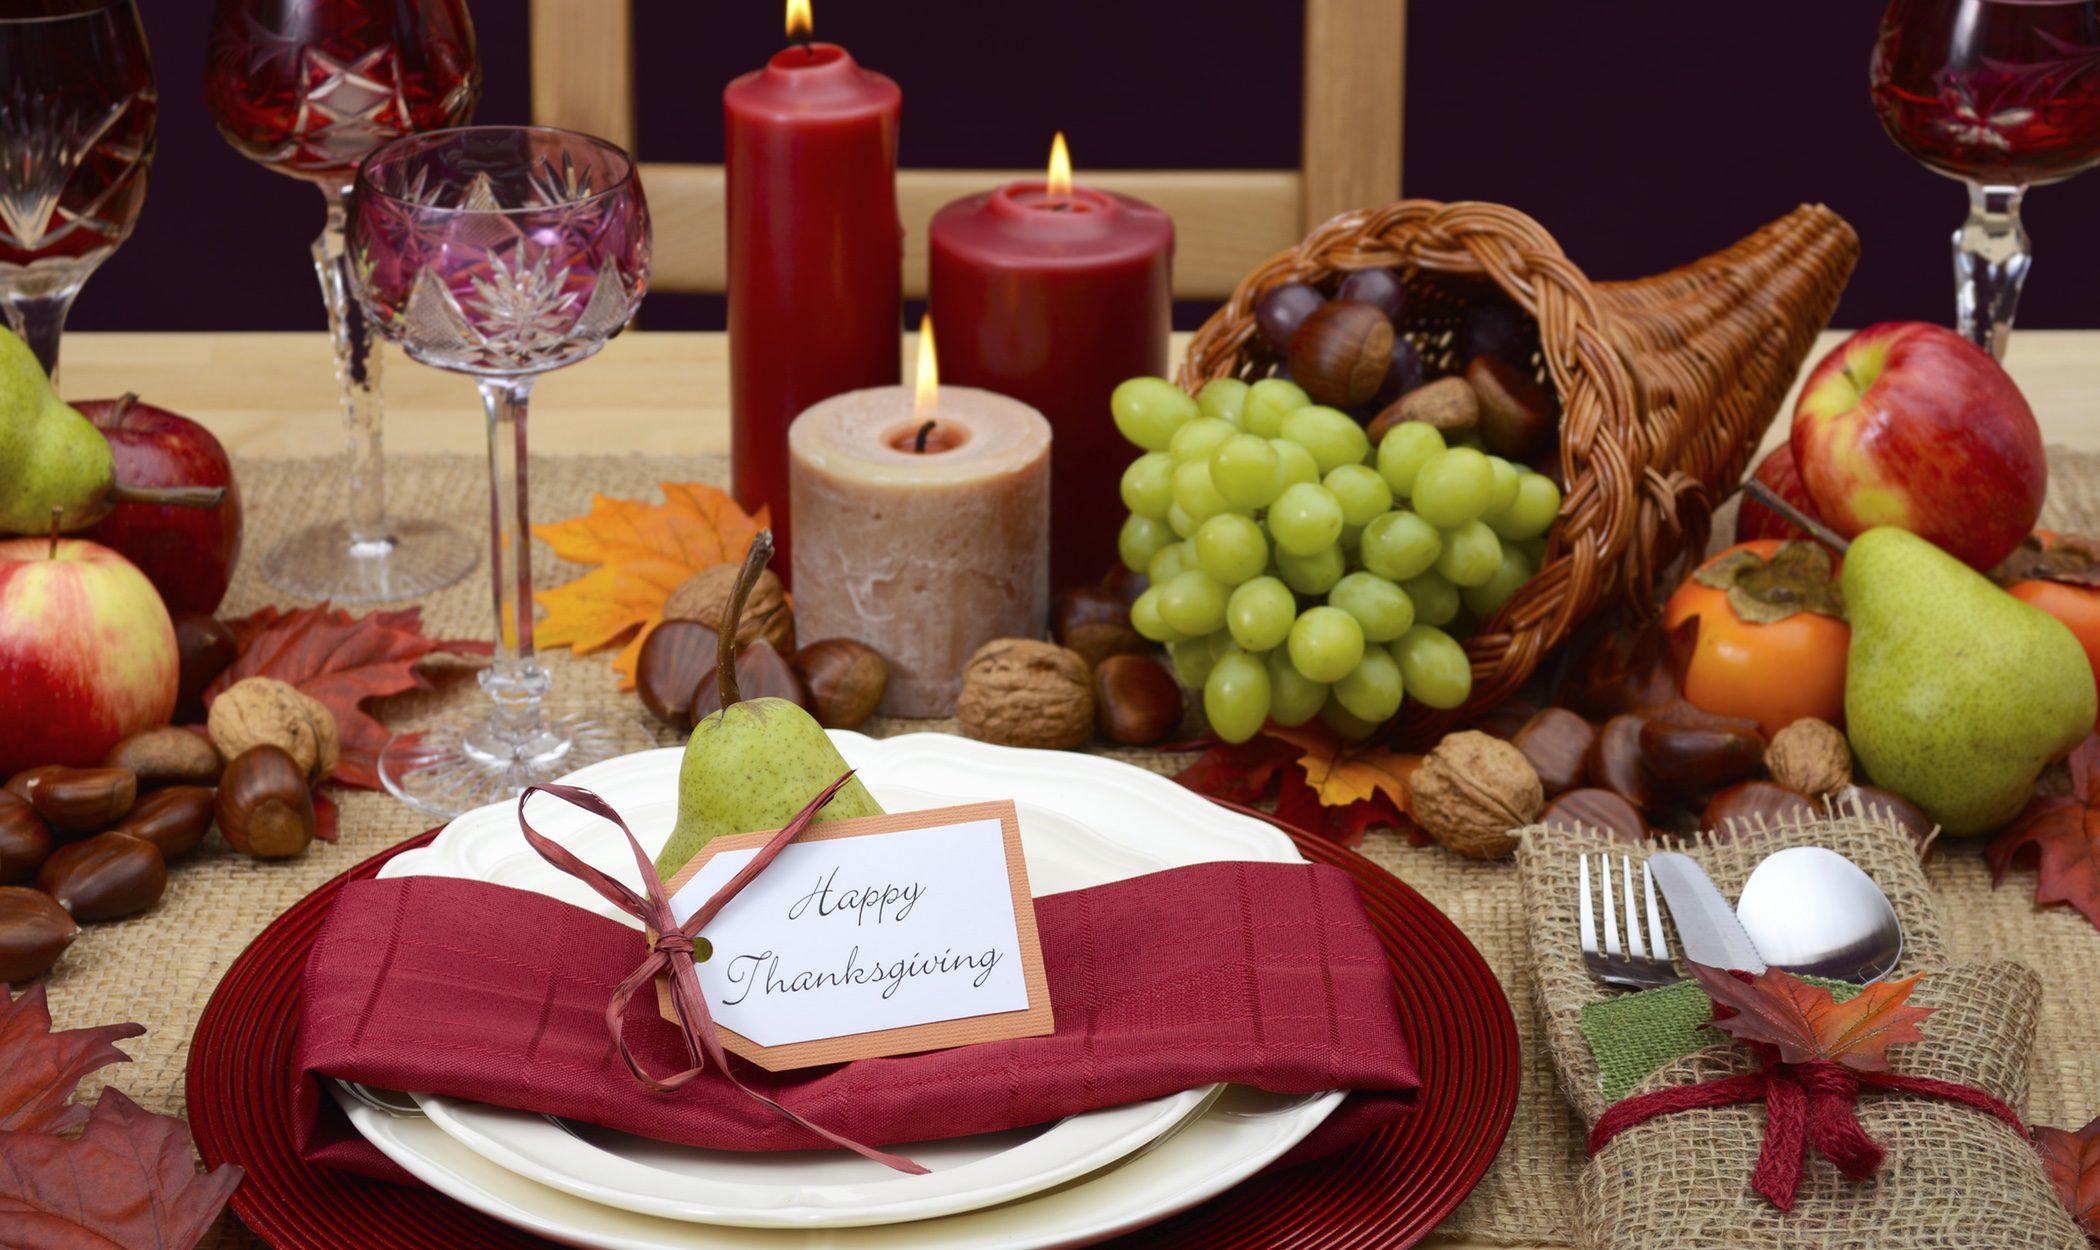 Restaurantes para celebrar el Día de Acción de Gracias en Madrid